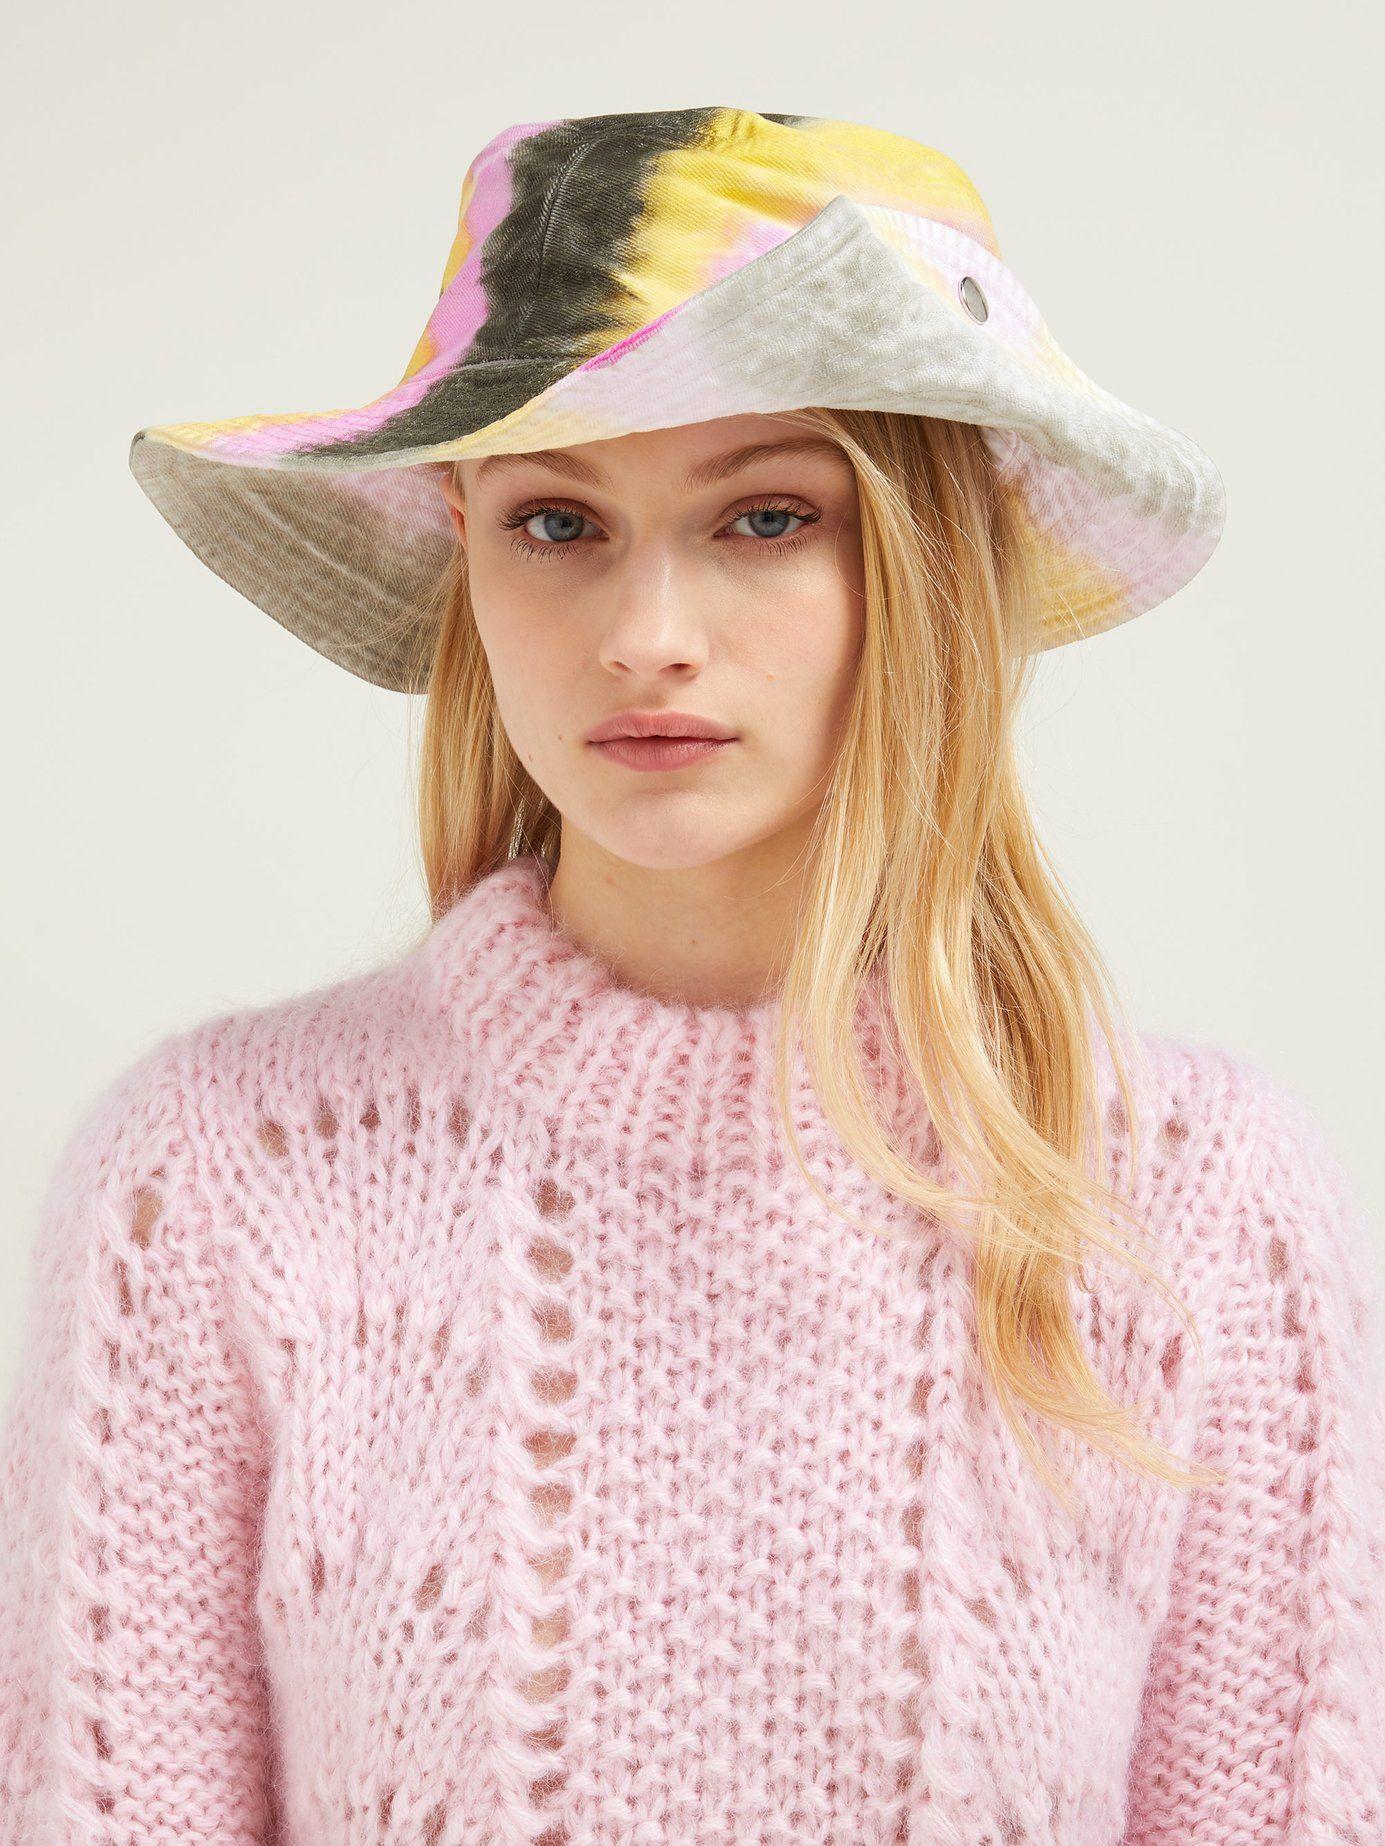 4581abba5 Shiloh tie dye-effect cotton bucket hat in 2019 | HATS | HAIR ...